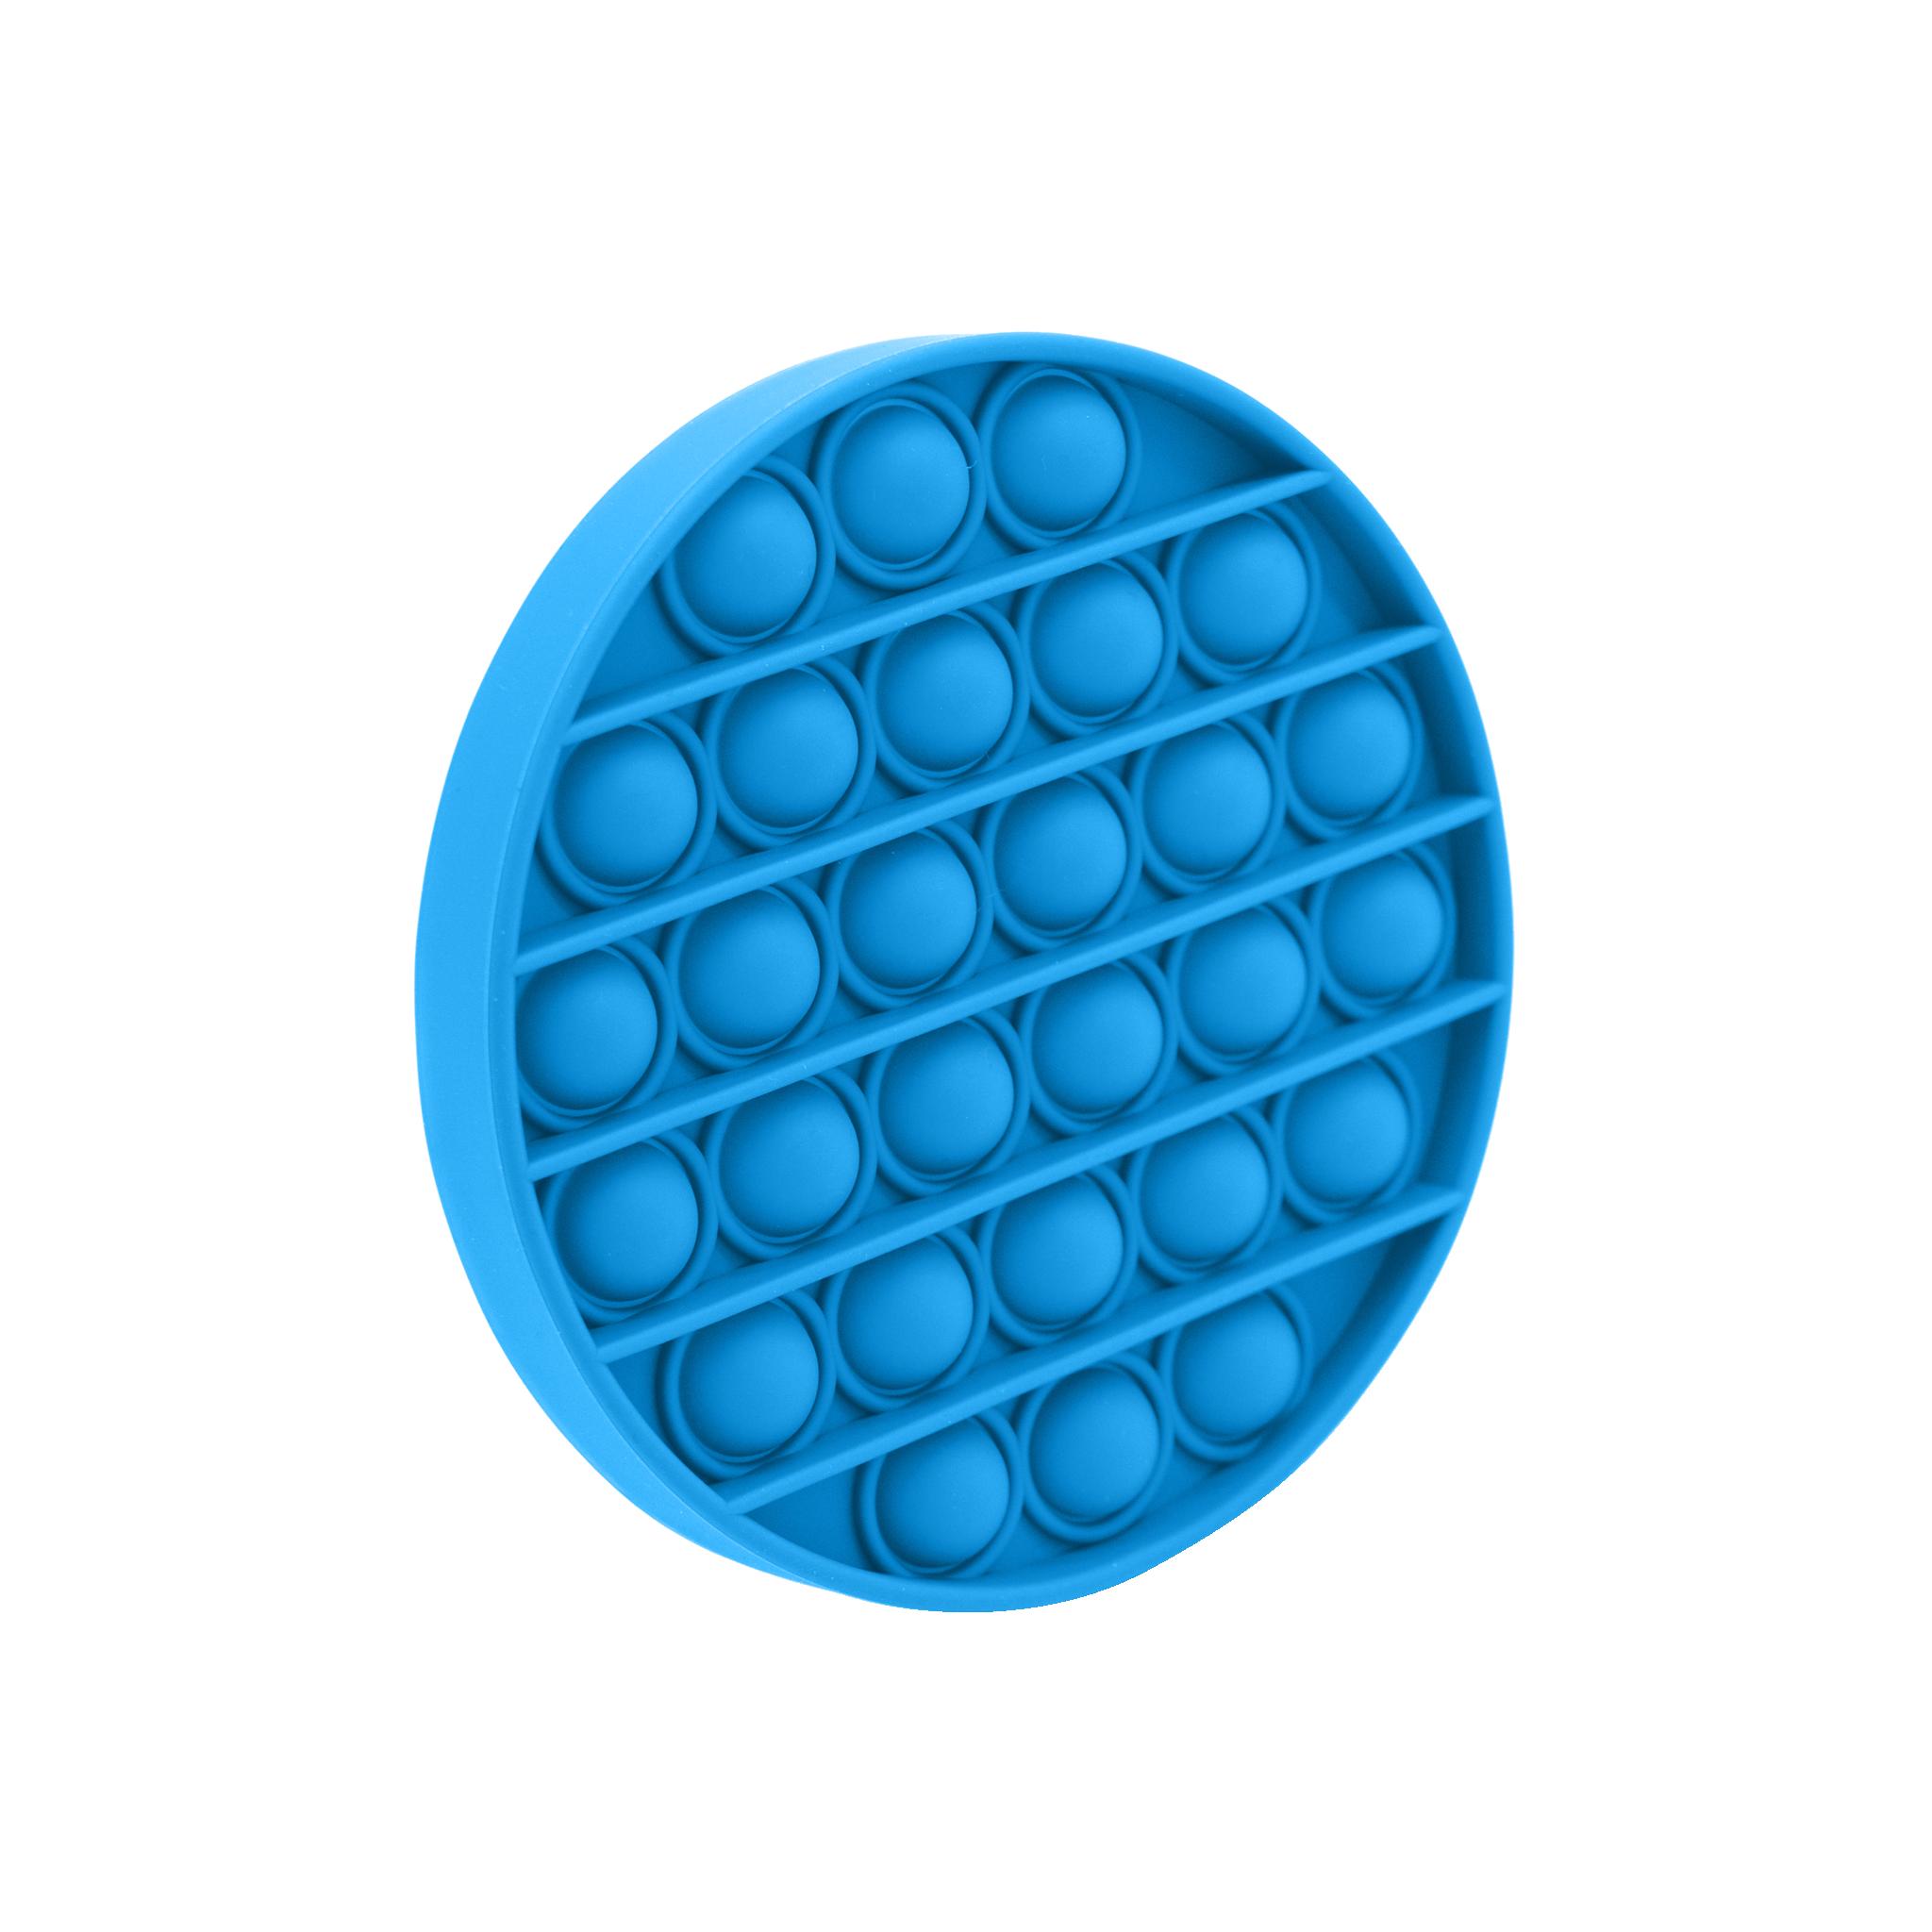 Module Image